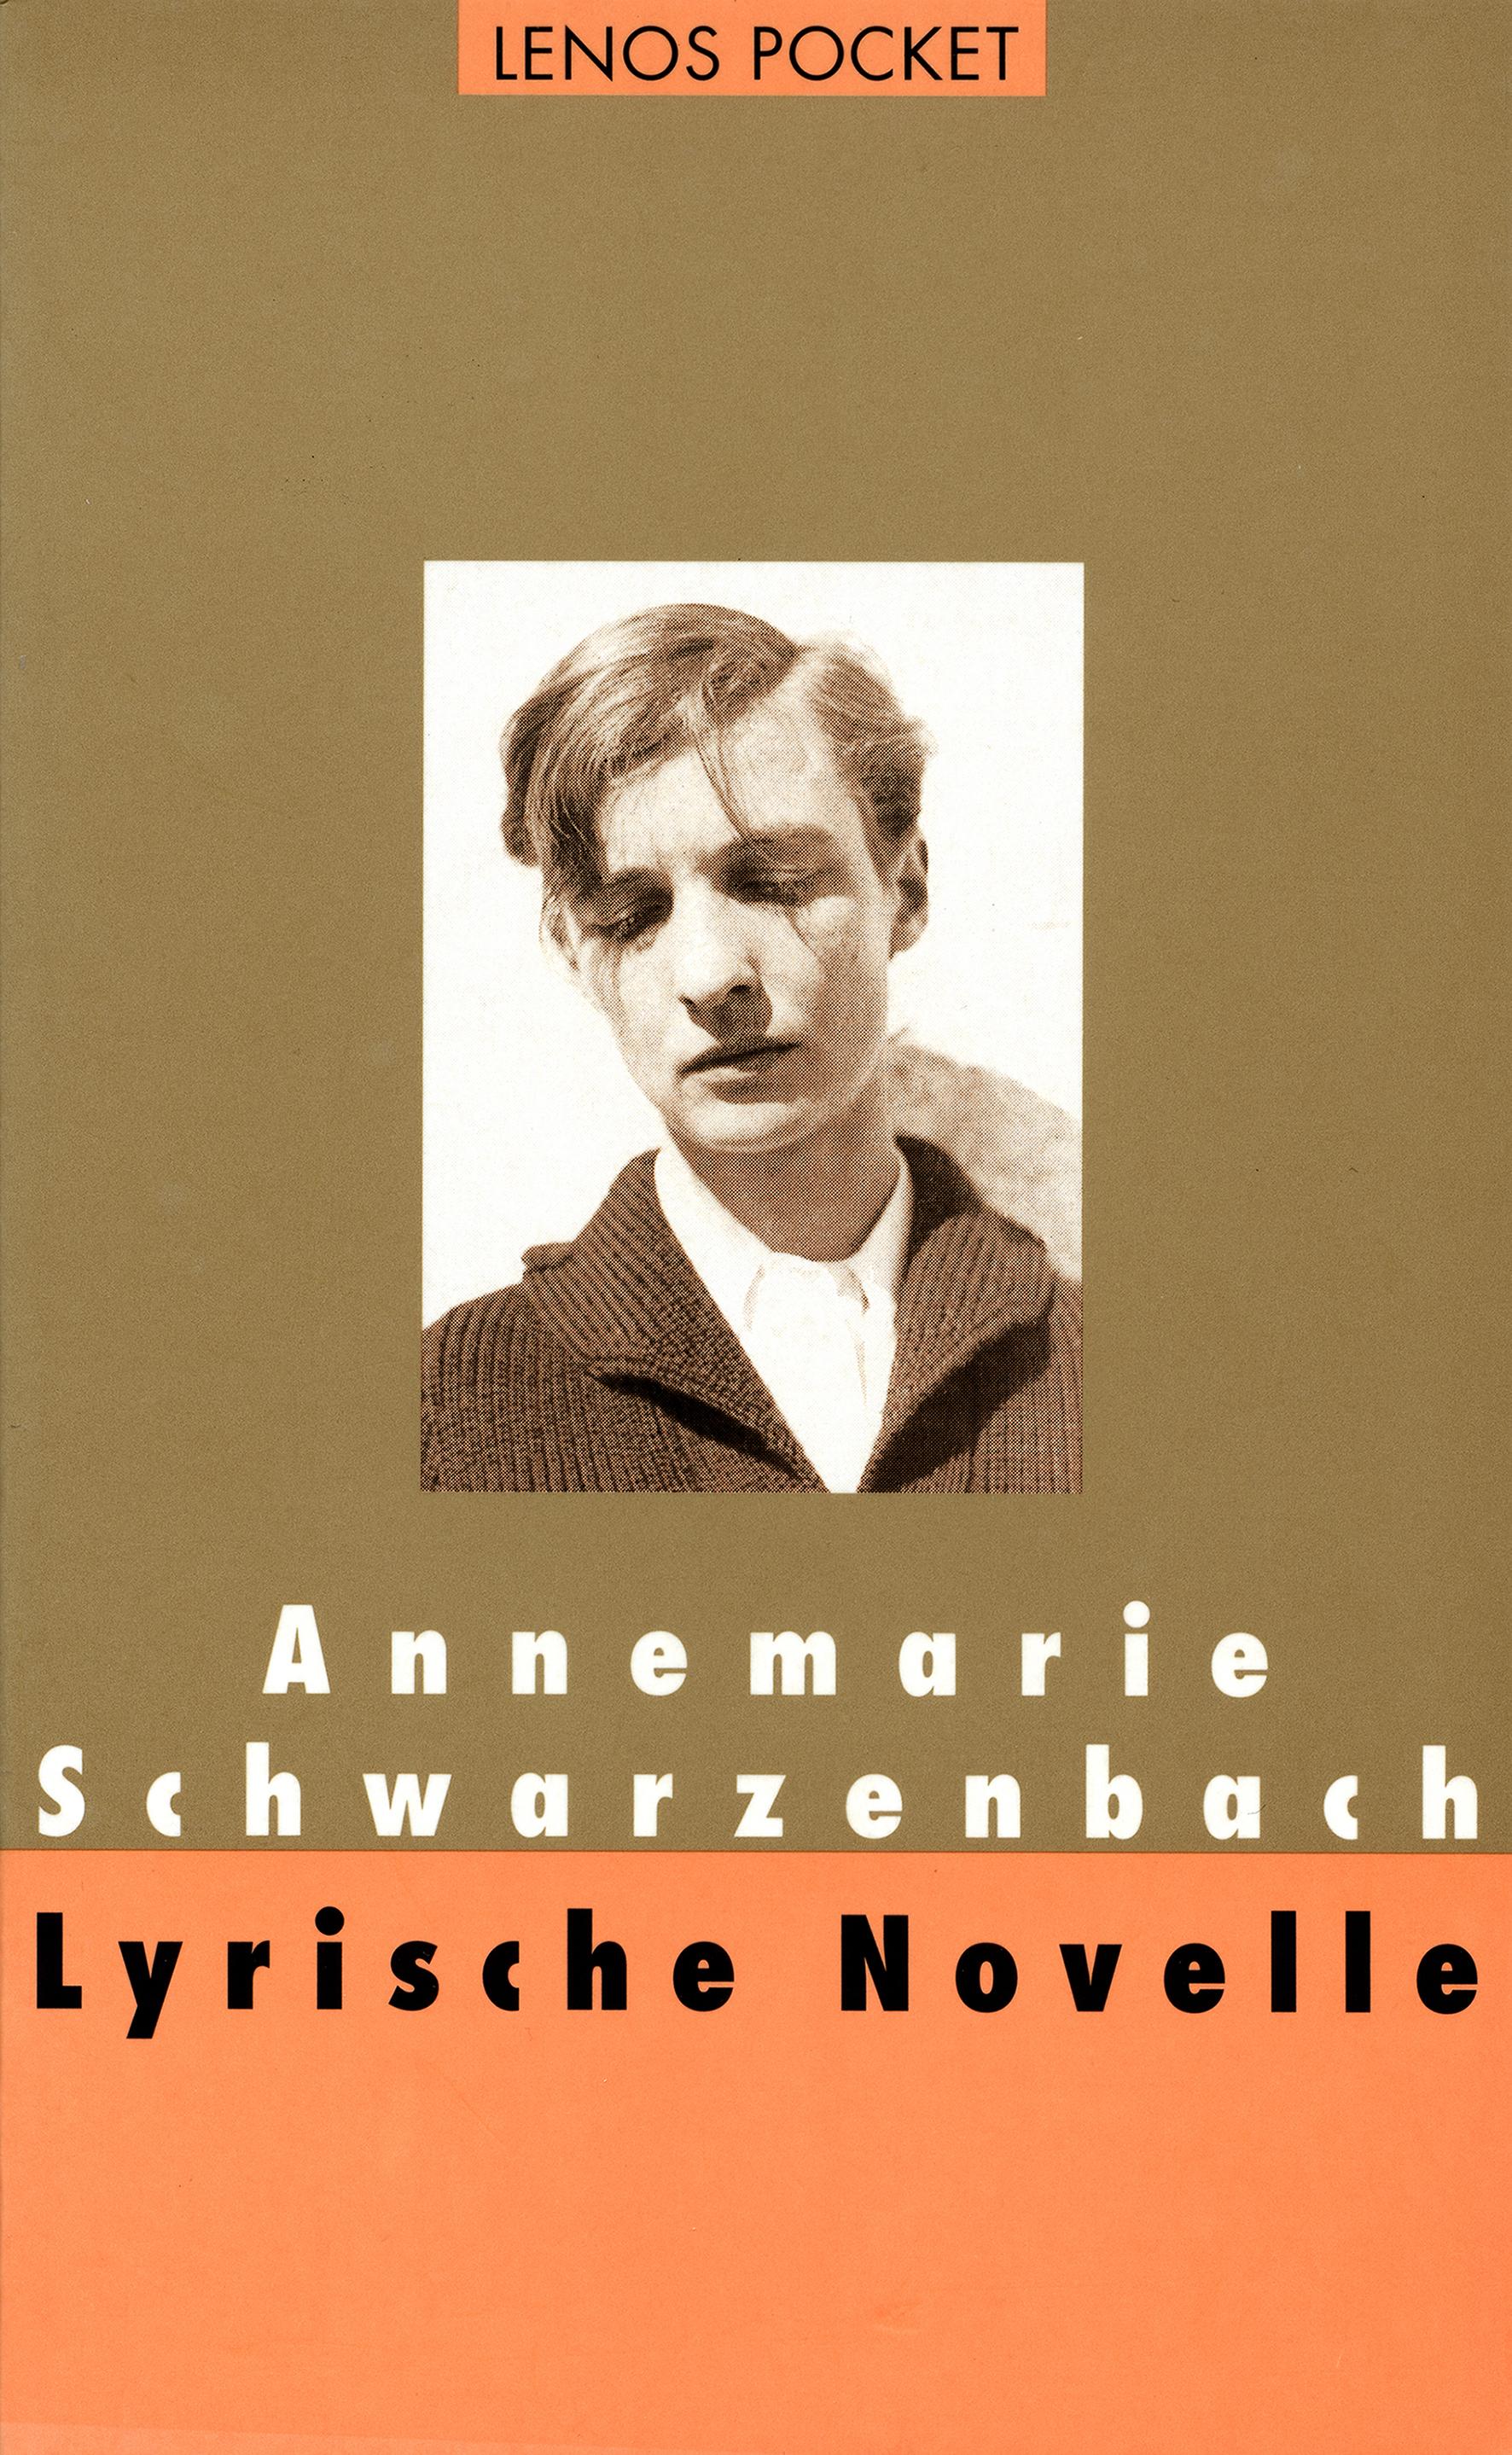 Annemarie Schwarzenbach Lyrische Novelle